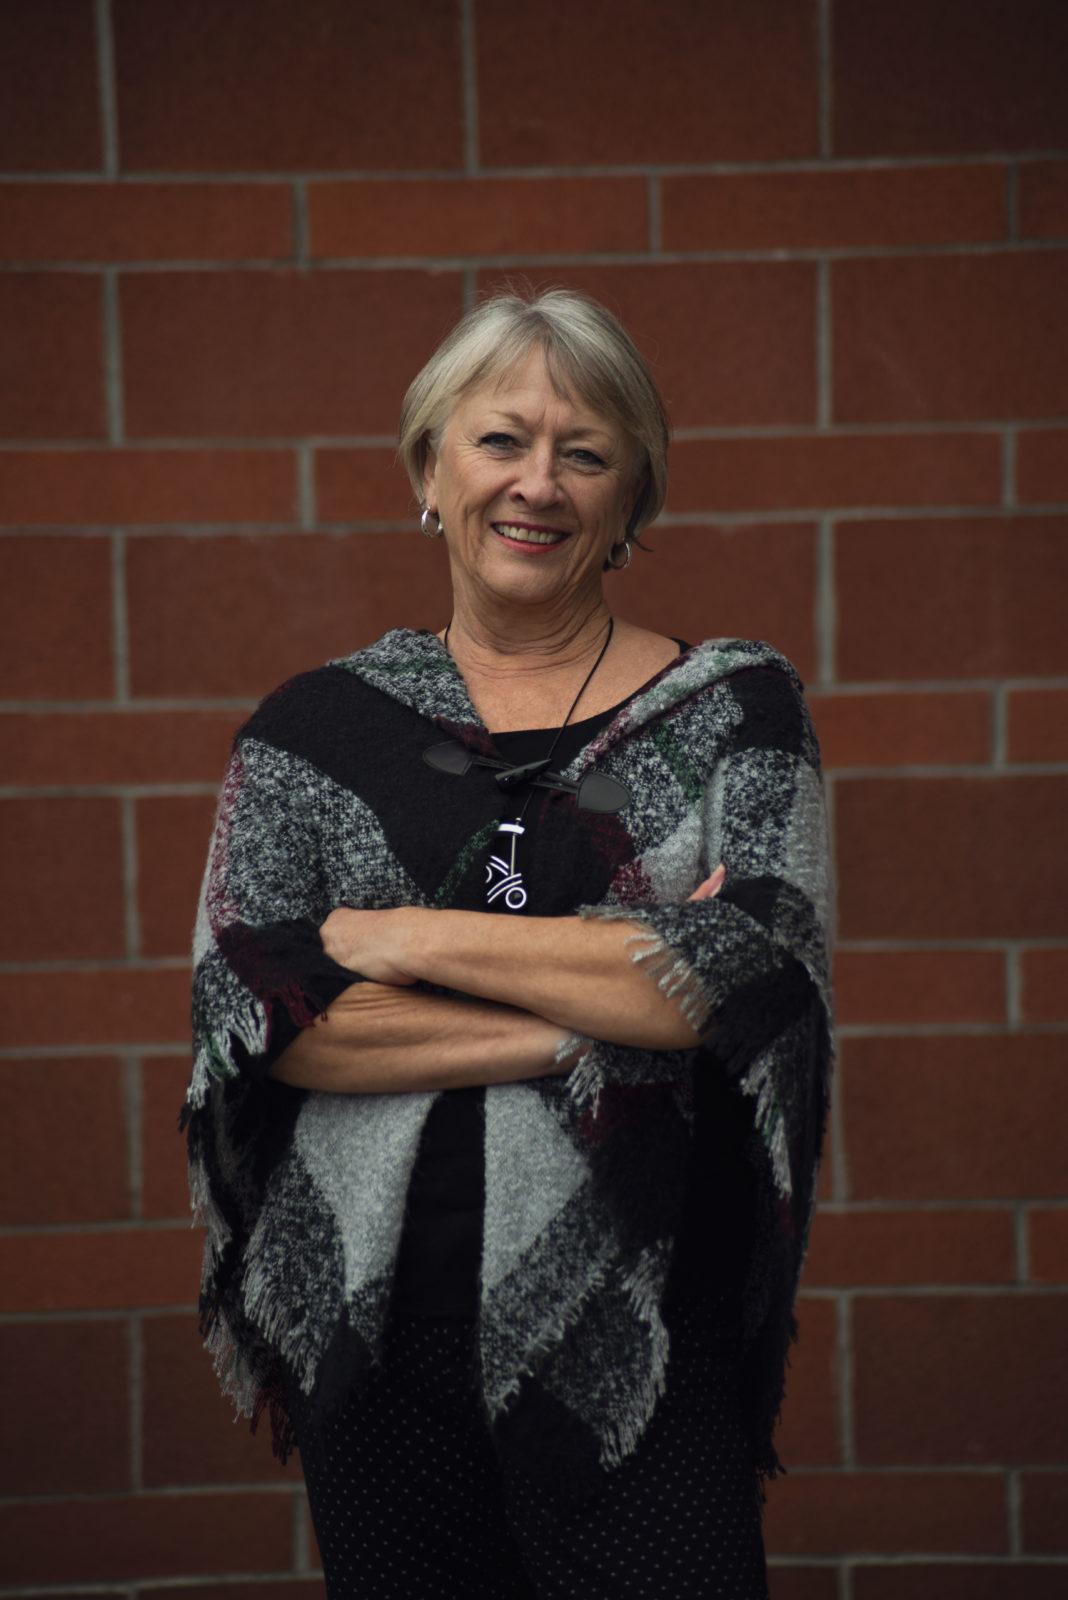 Anita Bakker